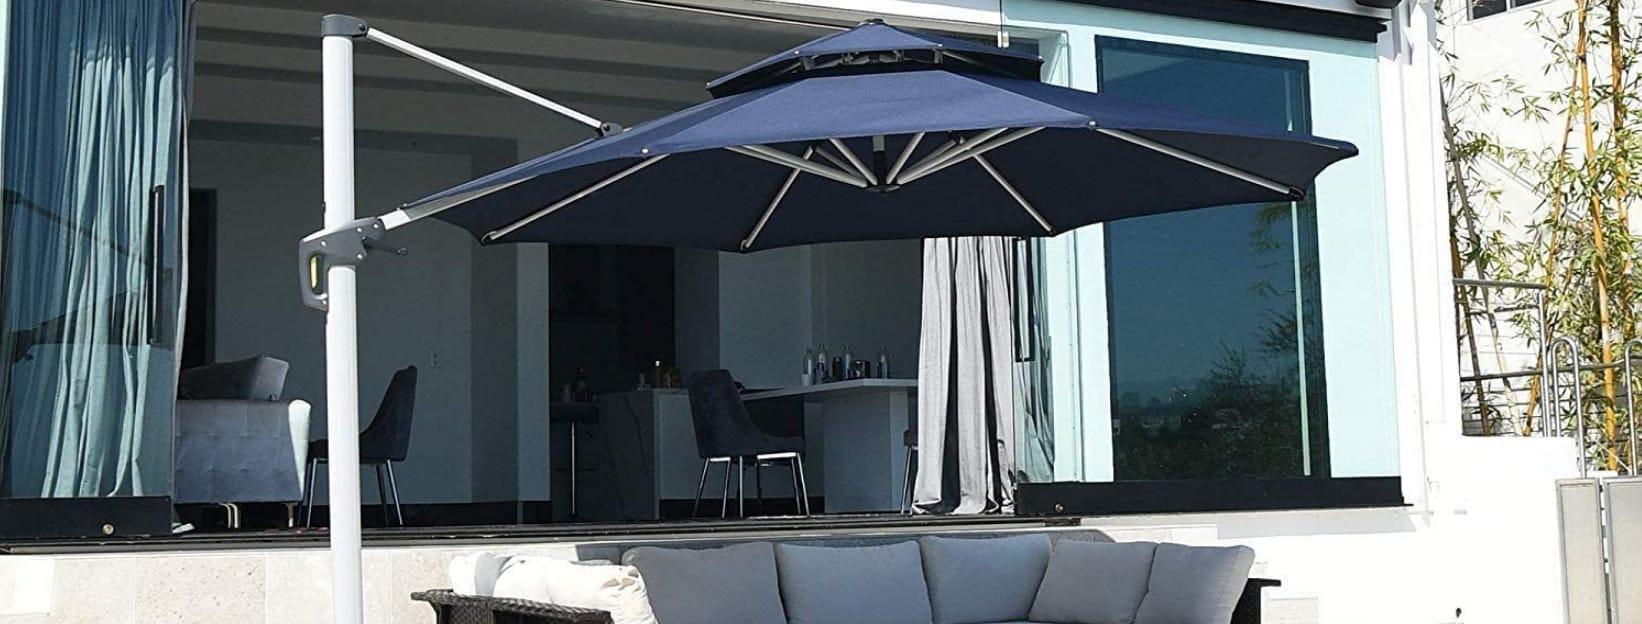 Comparatif pour choisir le meilleur parasol déporté